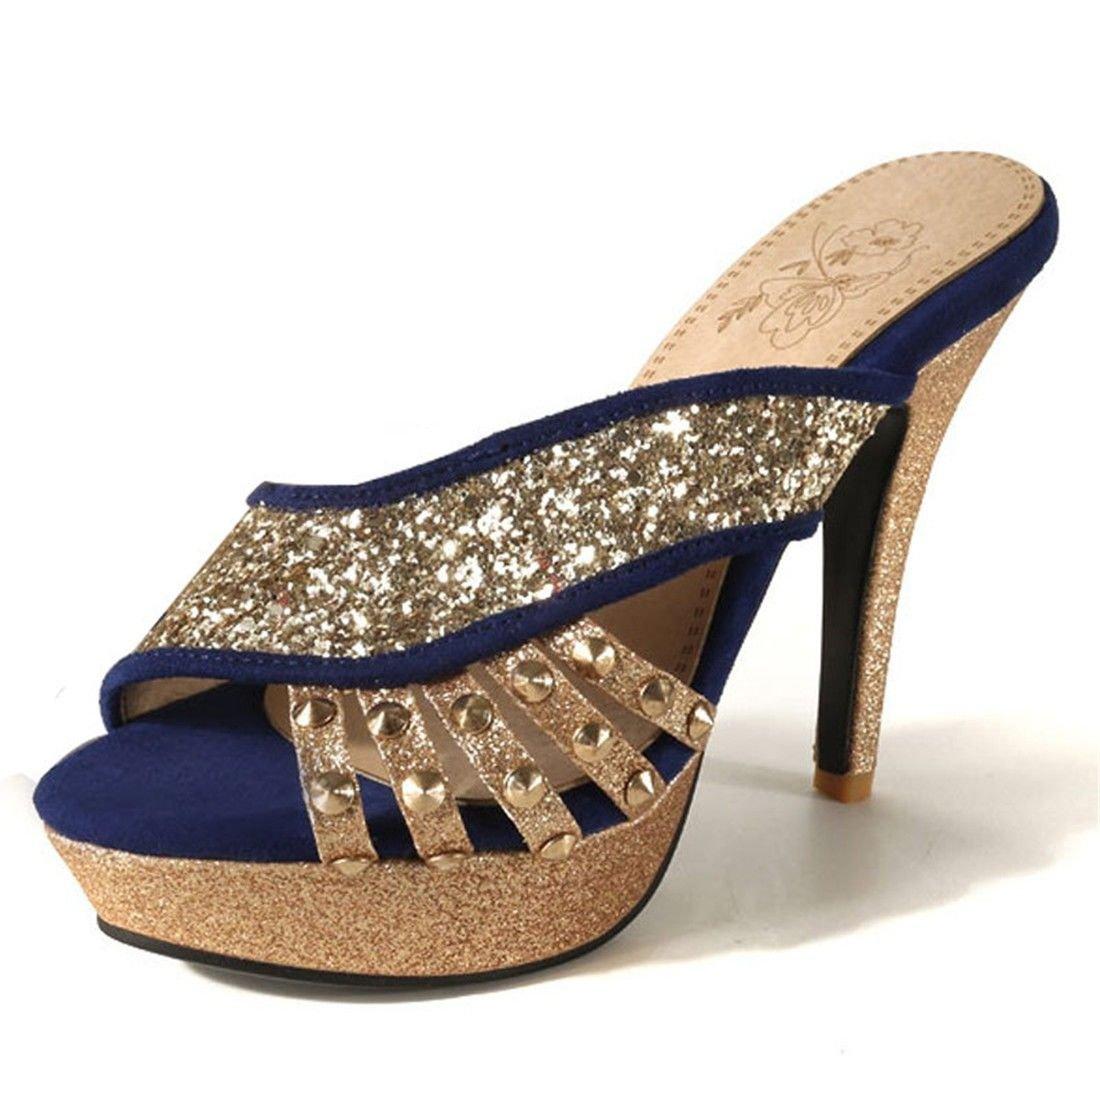 AIKAKA Taille Femmes Chaussures Printemps Été Imperméables Paillettes Haut Paillettes Talon Grande Taille Pantoufles Imperméables Blue 099bf74 - automatisms.space